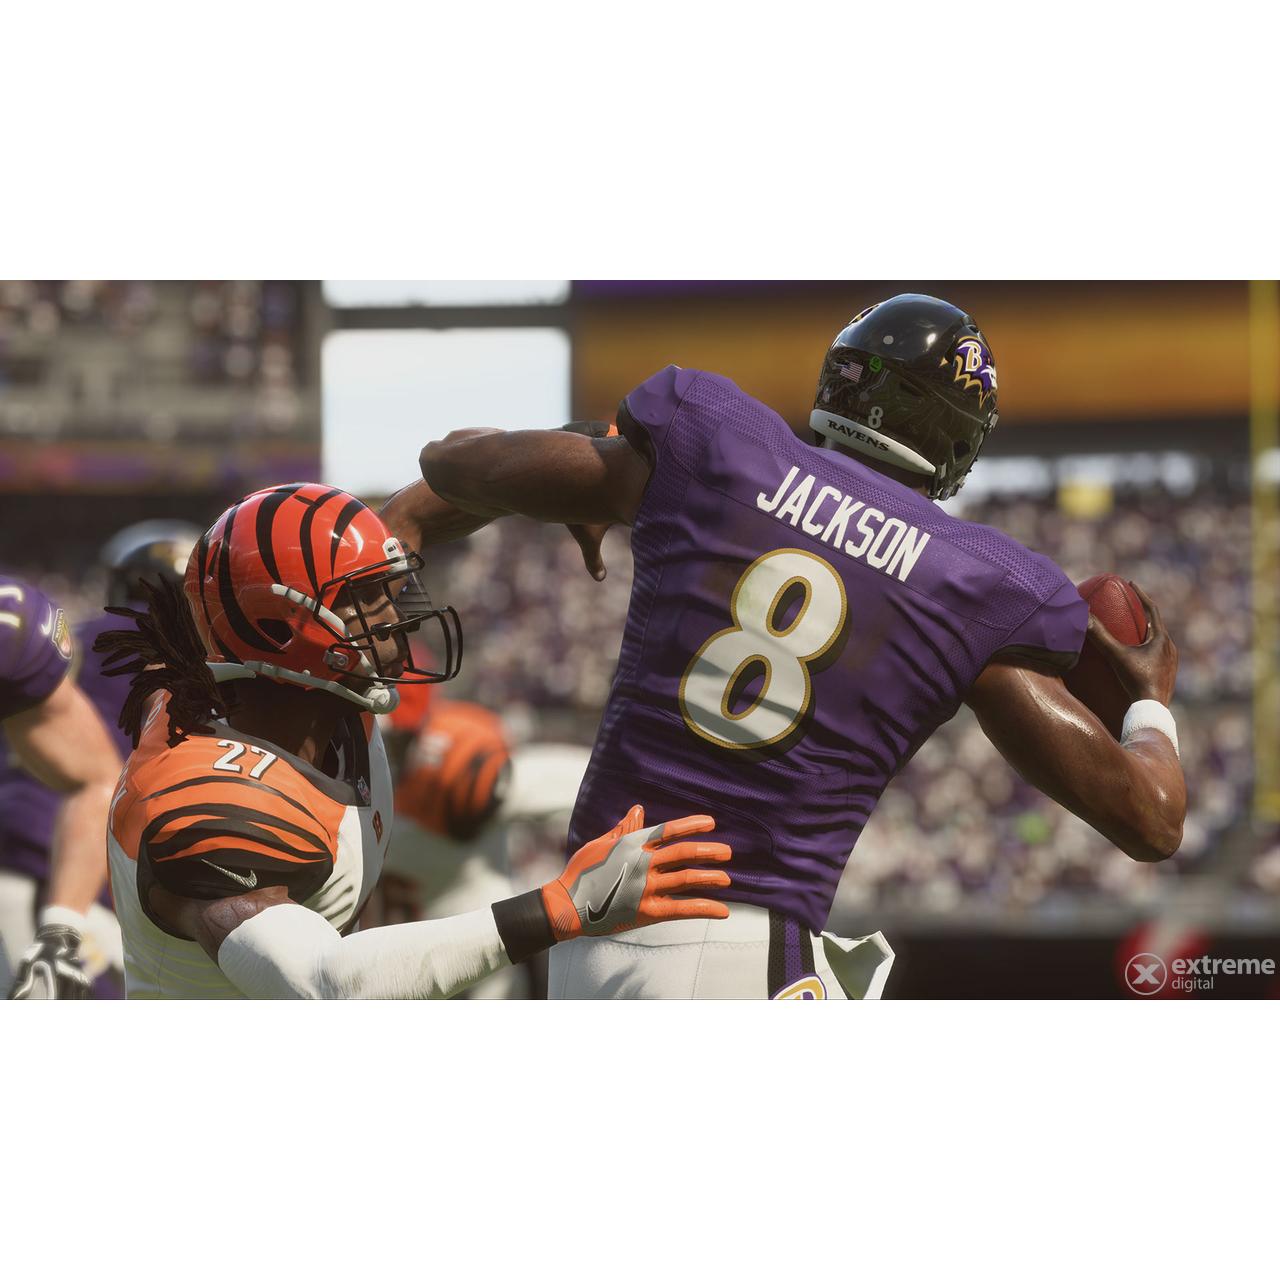 Madden NFL 19 Xbox One játékszoftver  Extreme Digital